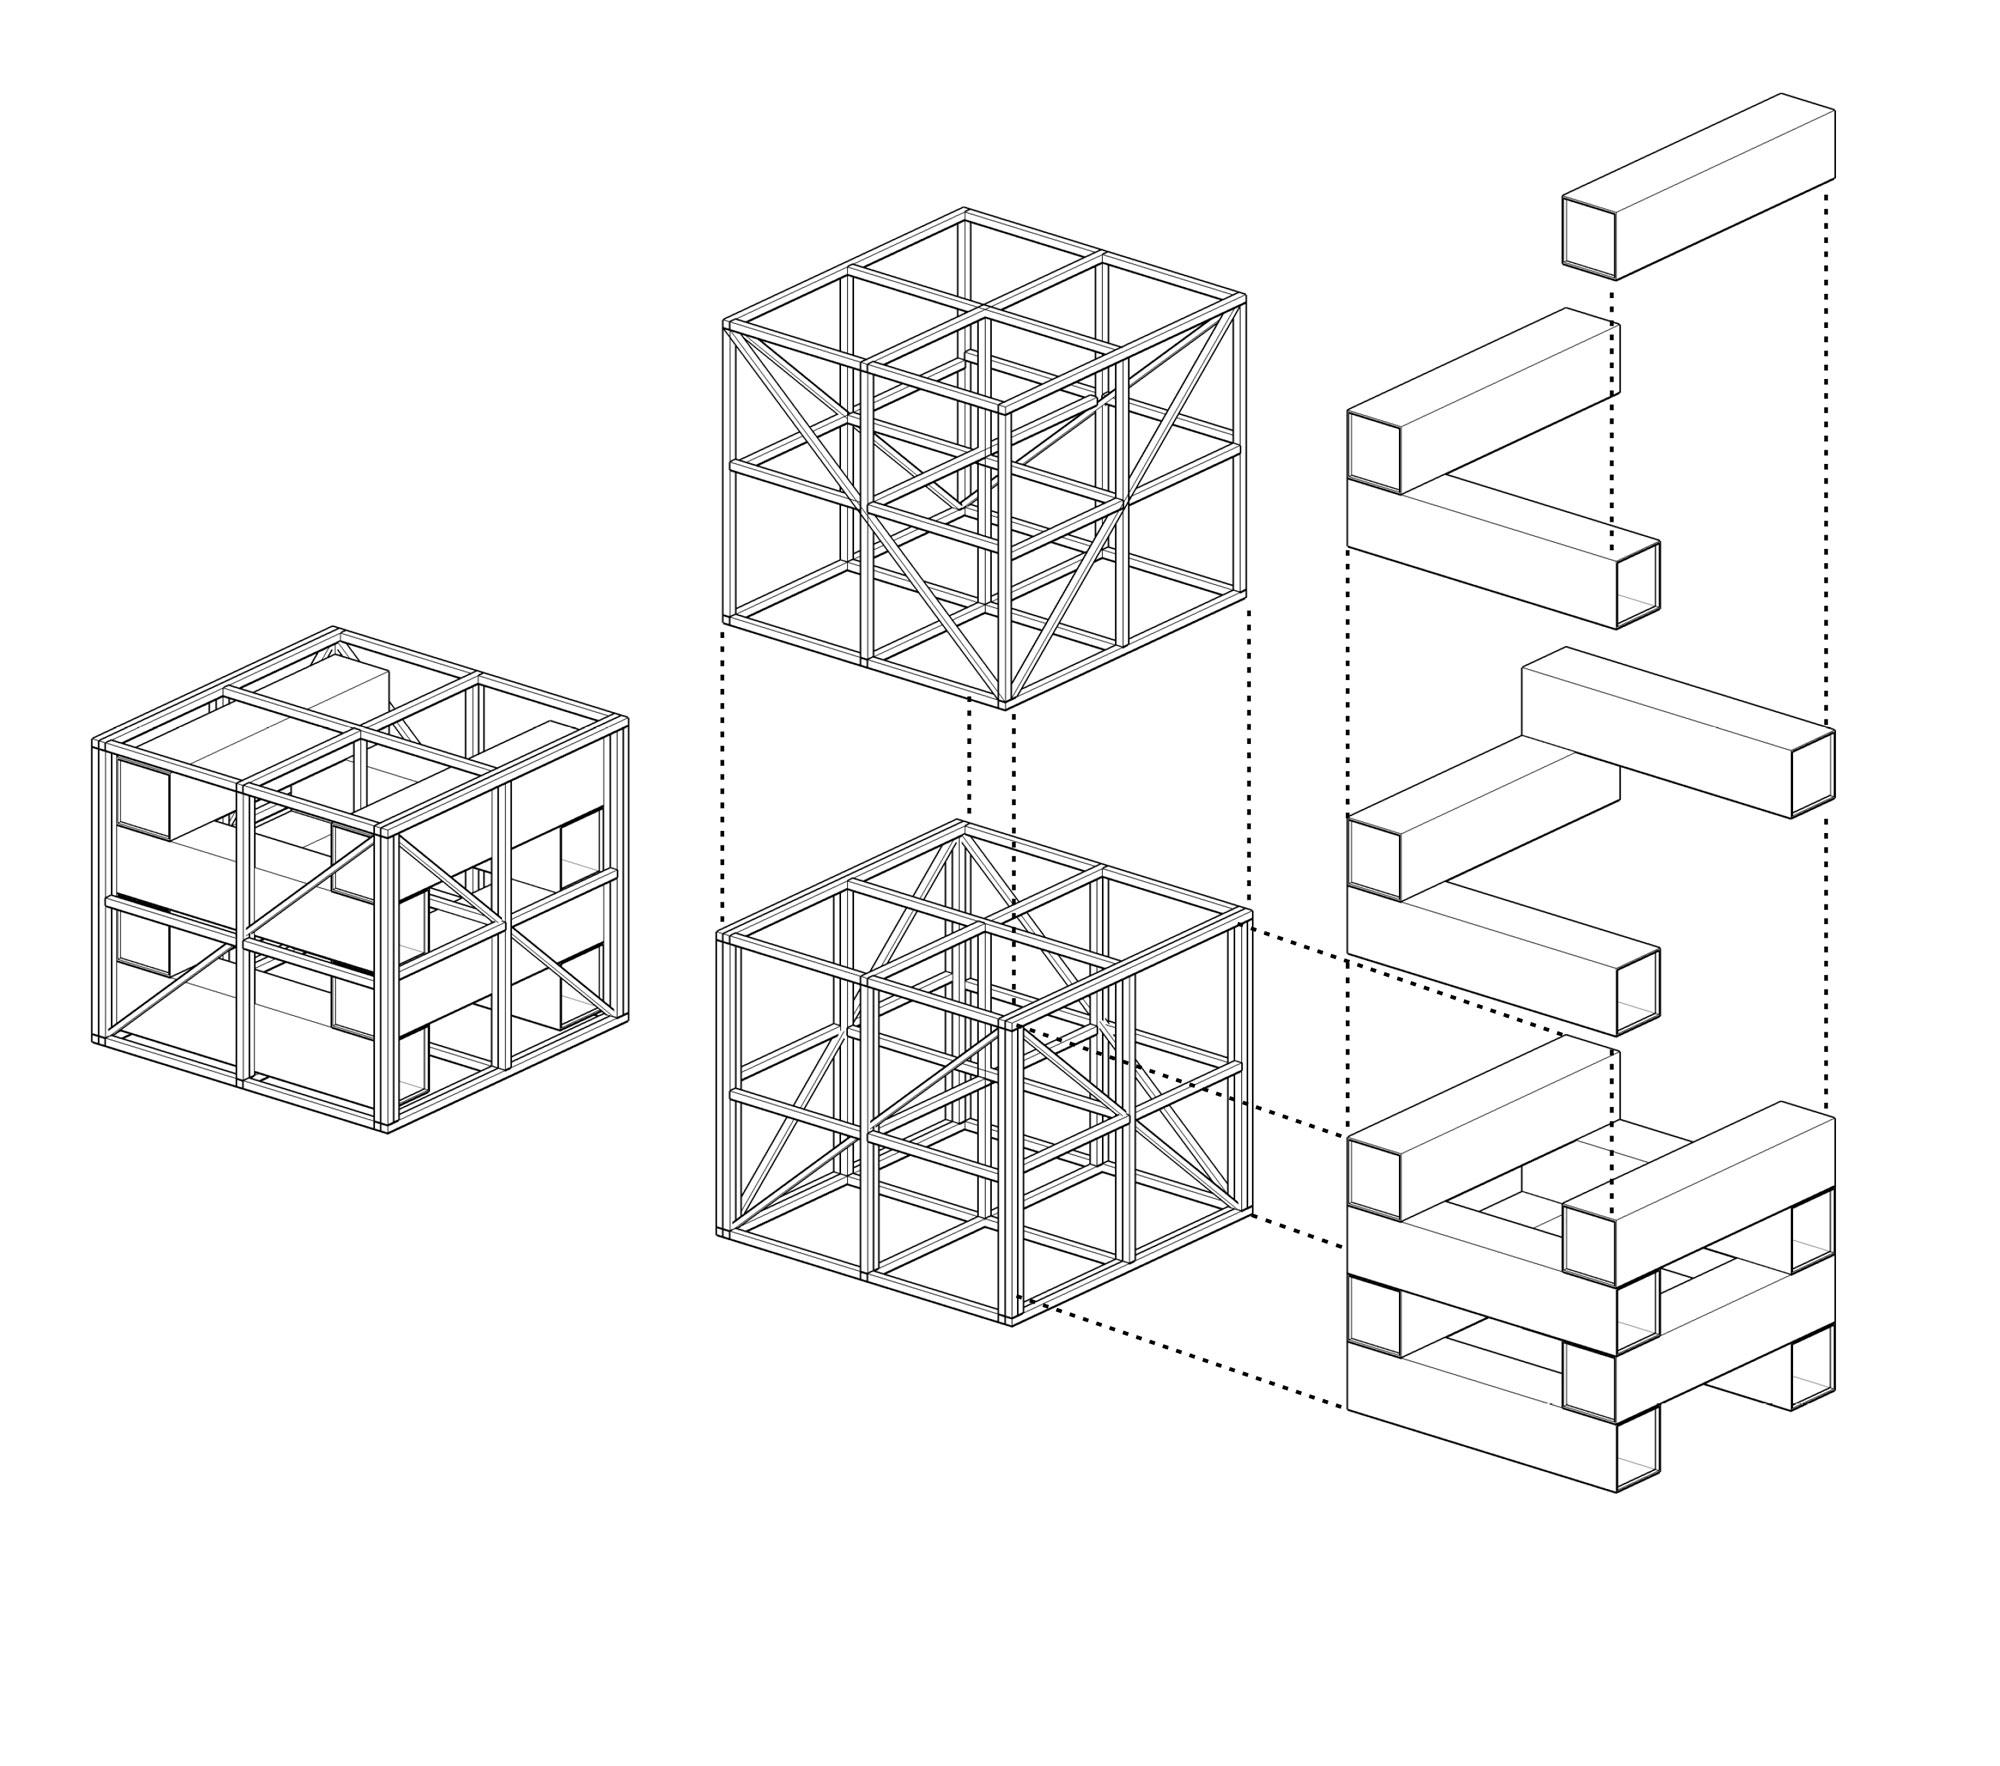 dioinno architecture pllc